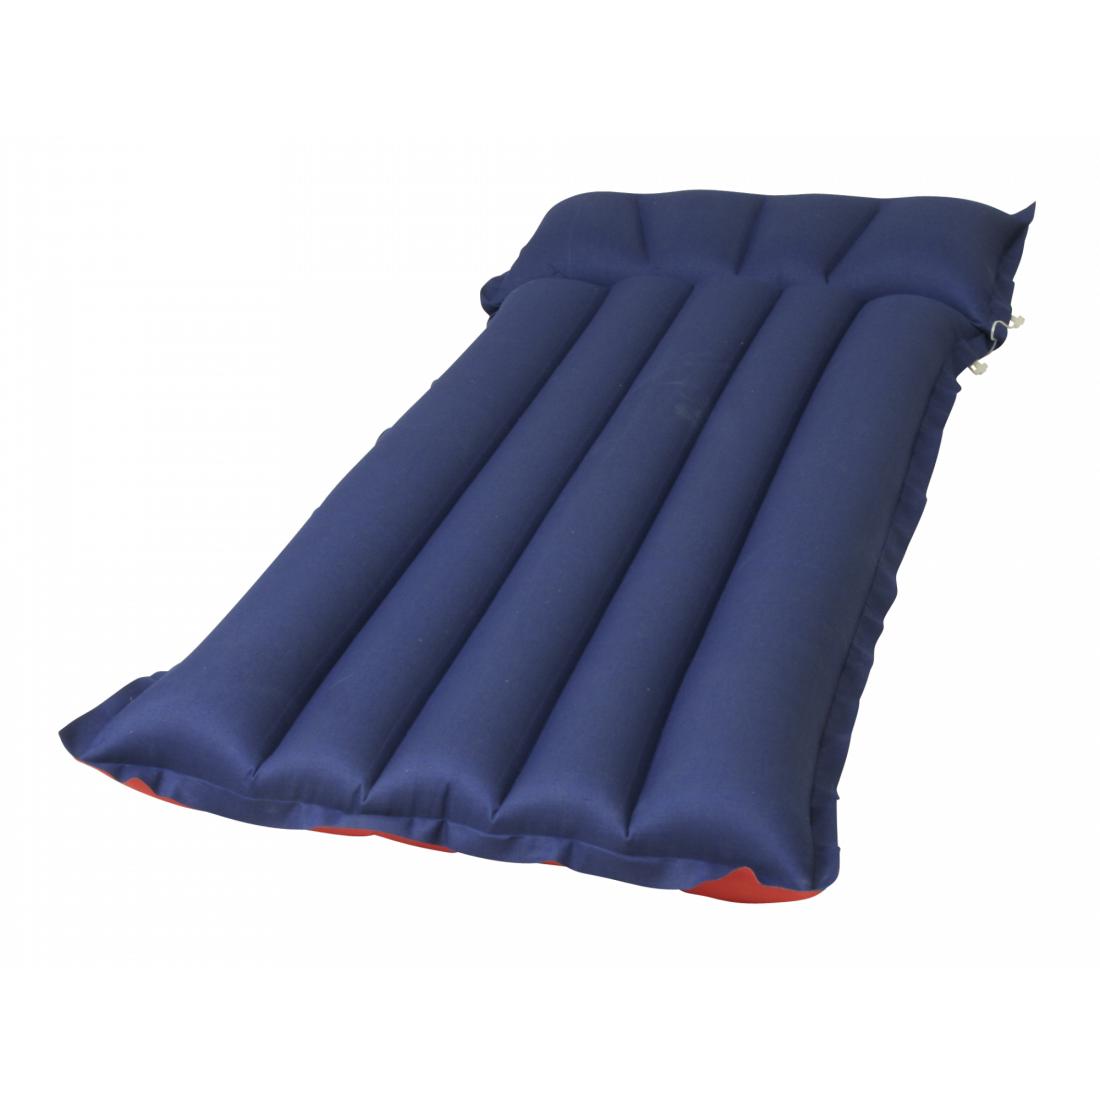 10t ruby recline standard baumwoll luftmatratze mit. Black Bedroom Furniture Sets. Home Design Ideas